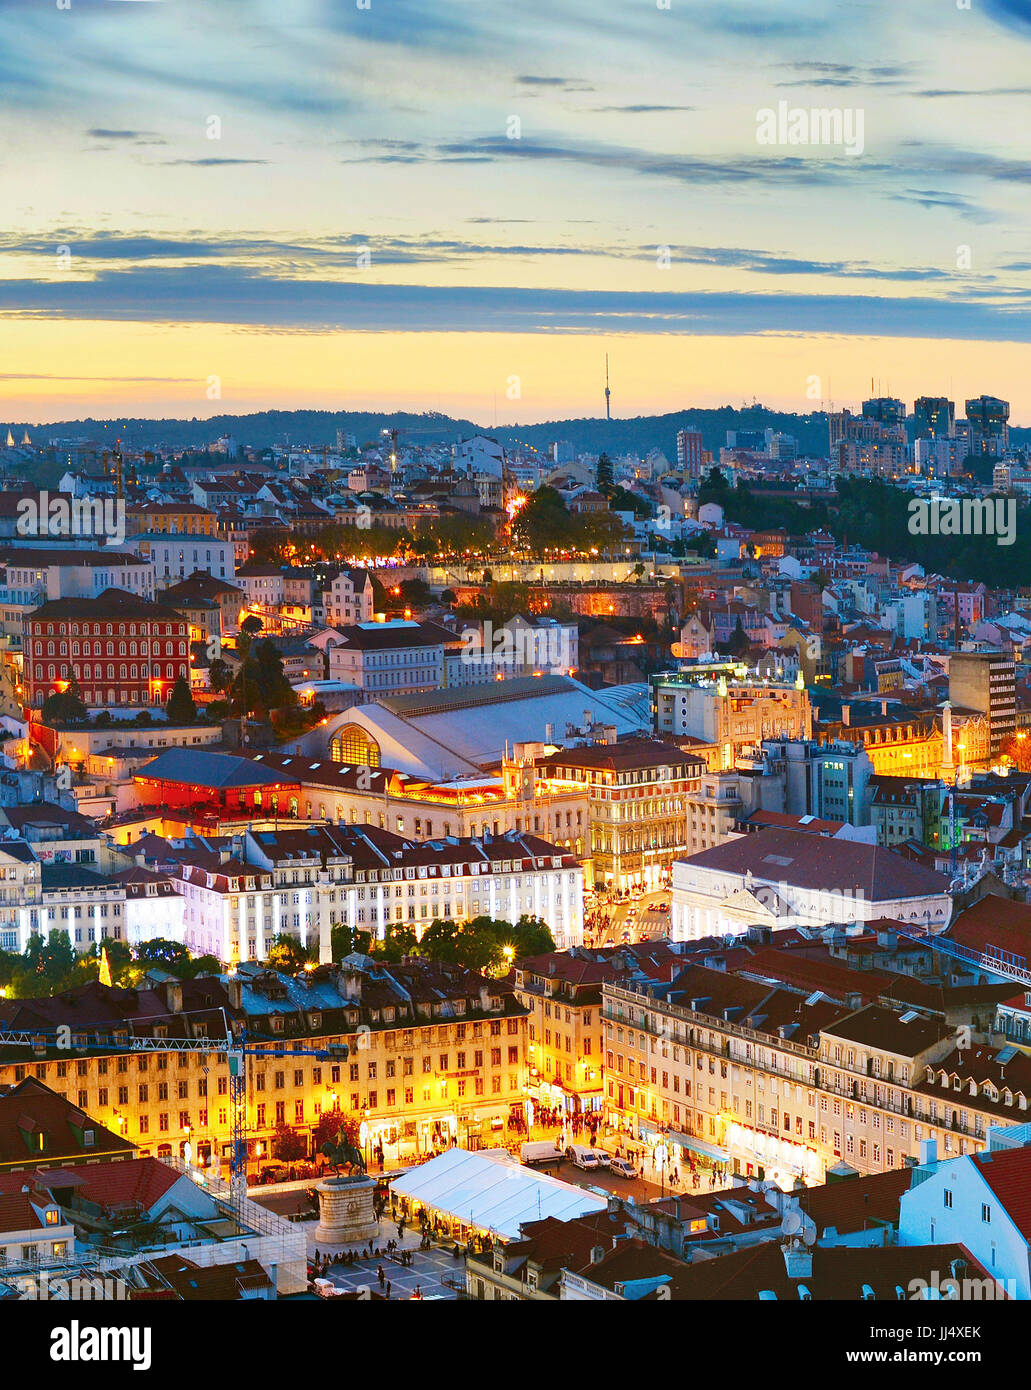 Vista aérea del centro de la ciudad de Lisboa en el hermoso atardecer. Portugal Foto de stock